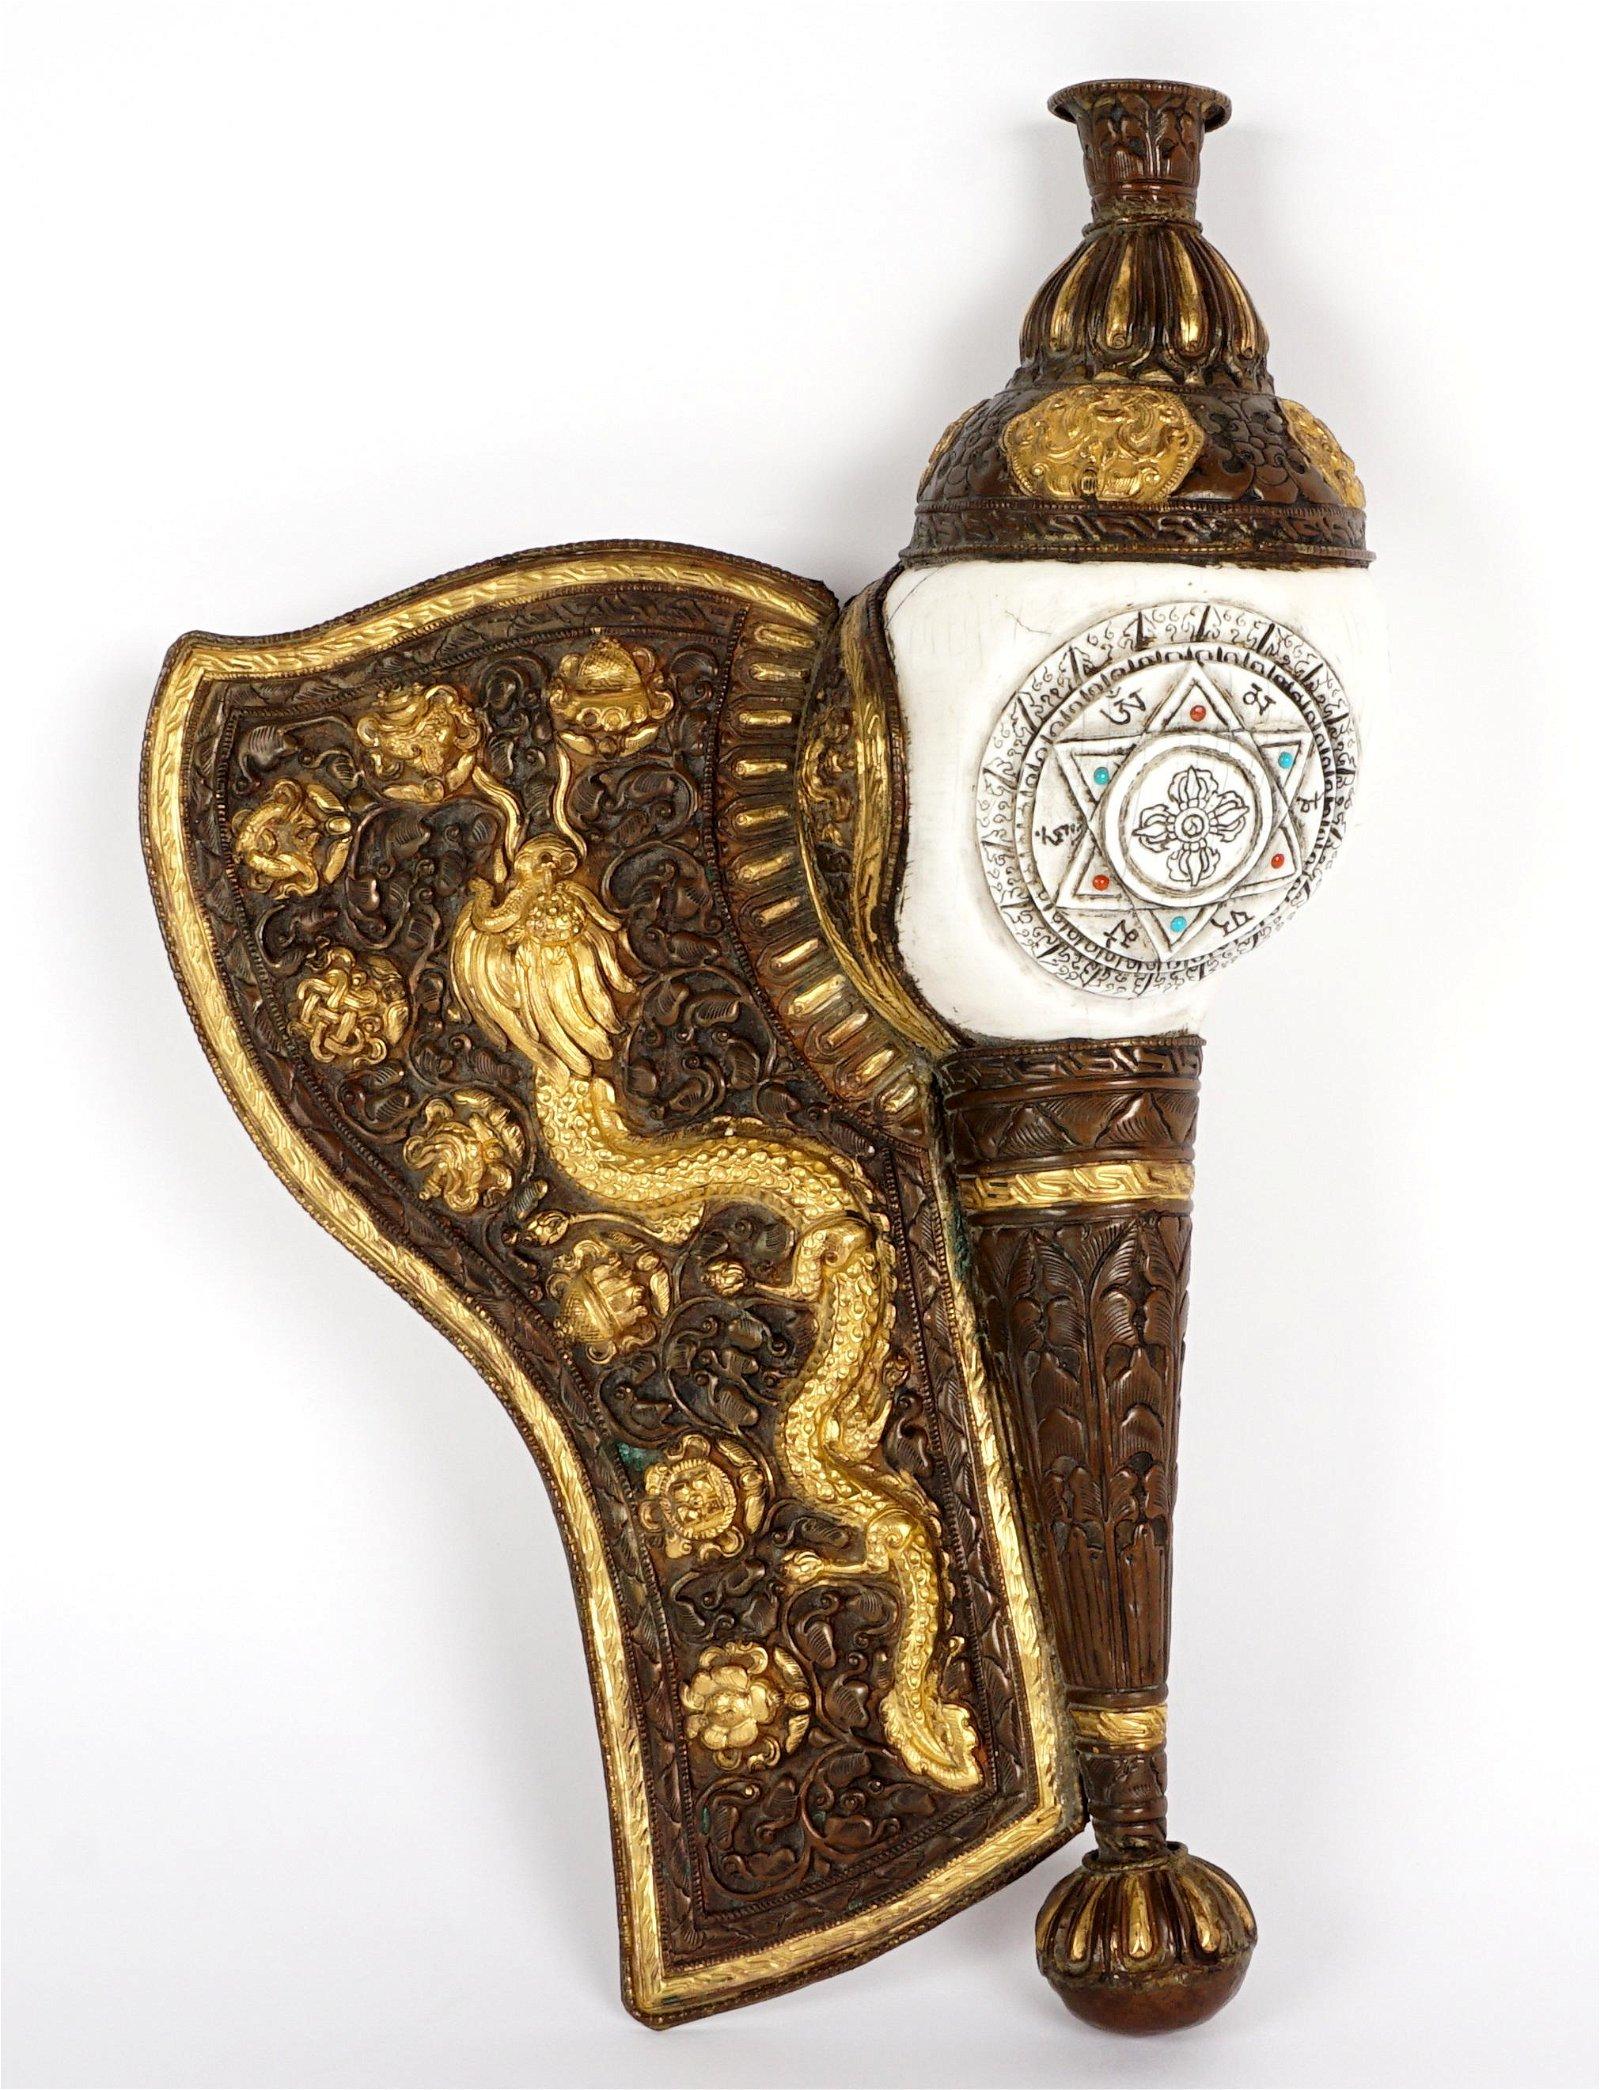 Tibetan Mixed Metal Ritual Conch Shell Trumpet